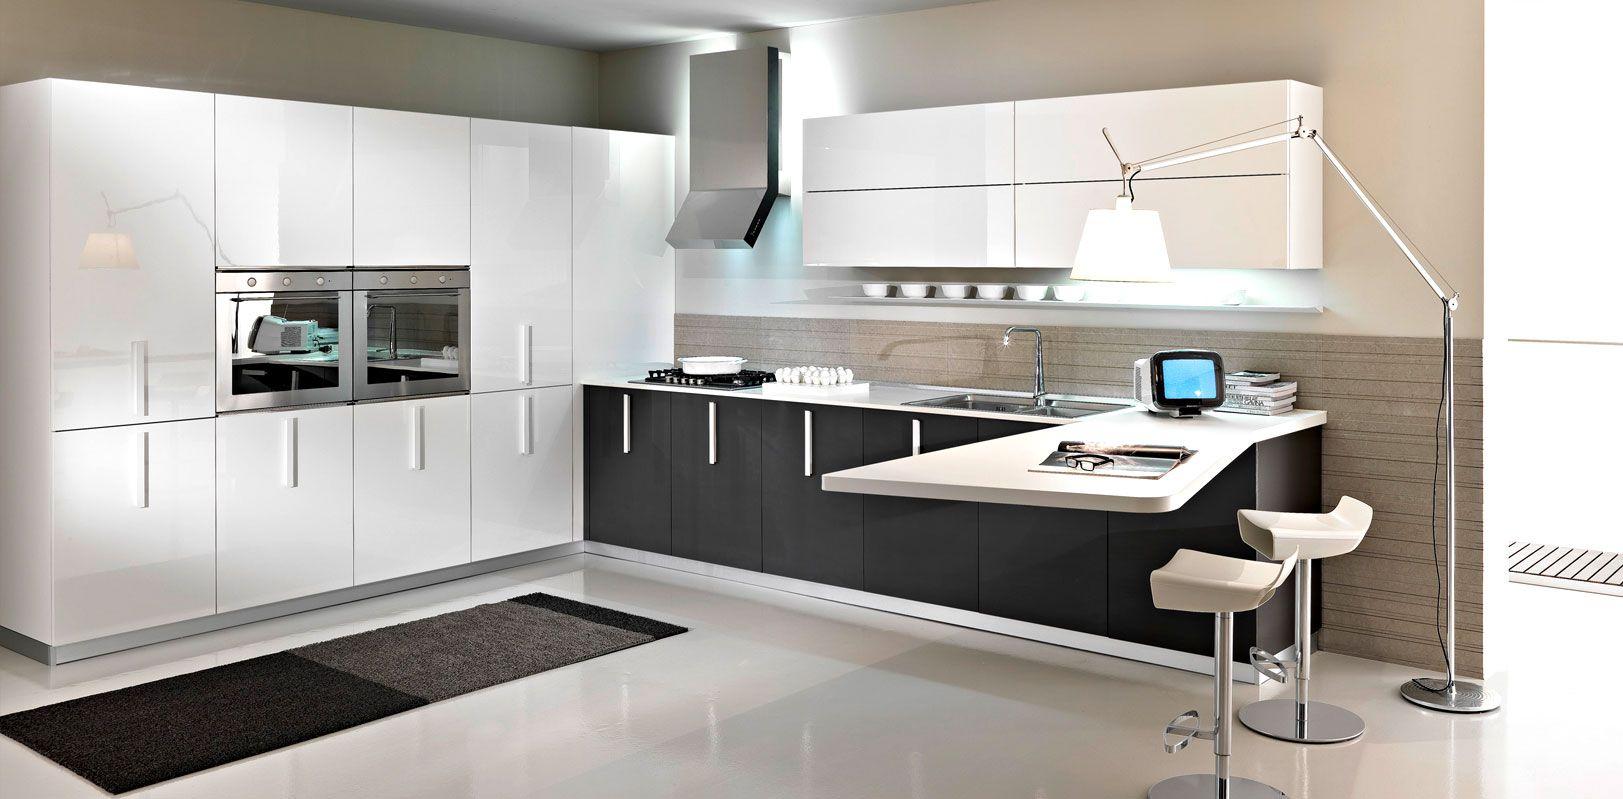 Luxurious Modern Kitchen Designs in Pune by Meine Küche Platina ...